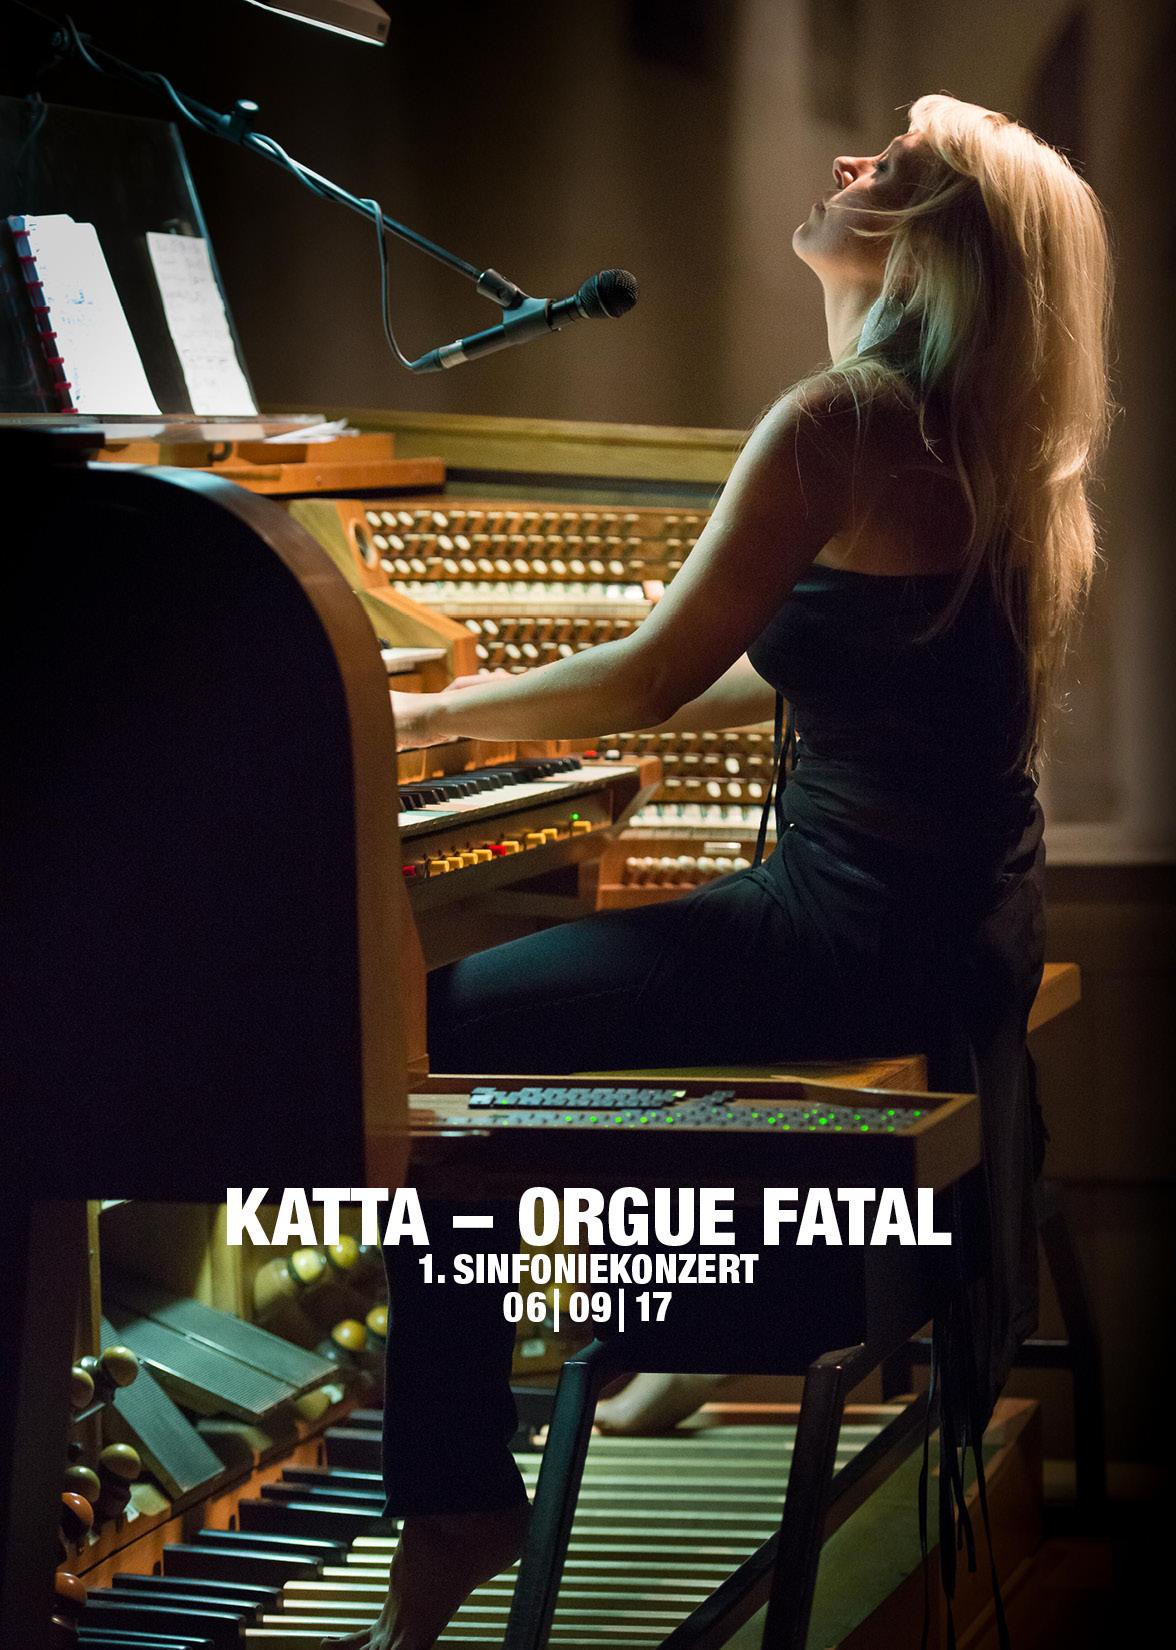 Katta - Orgue fatal